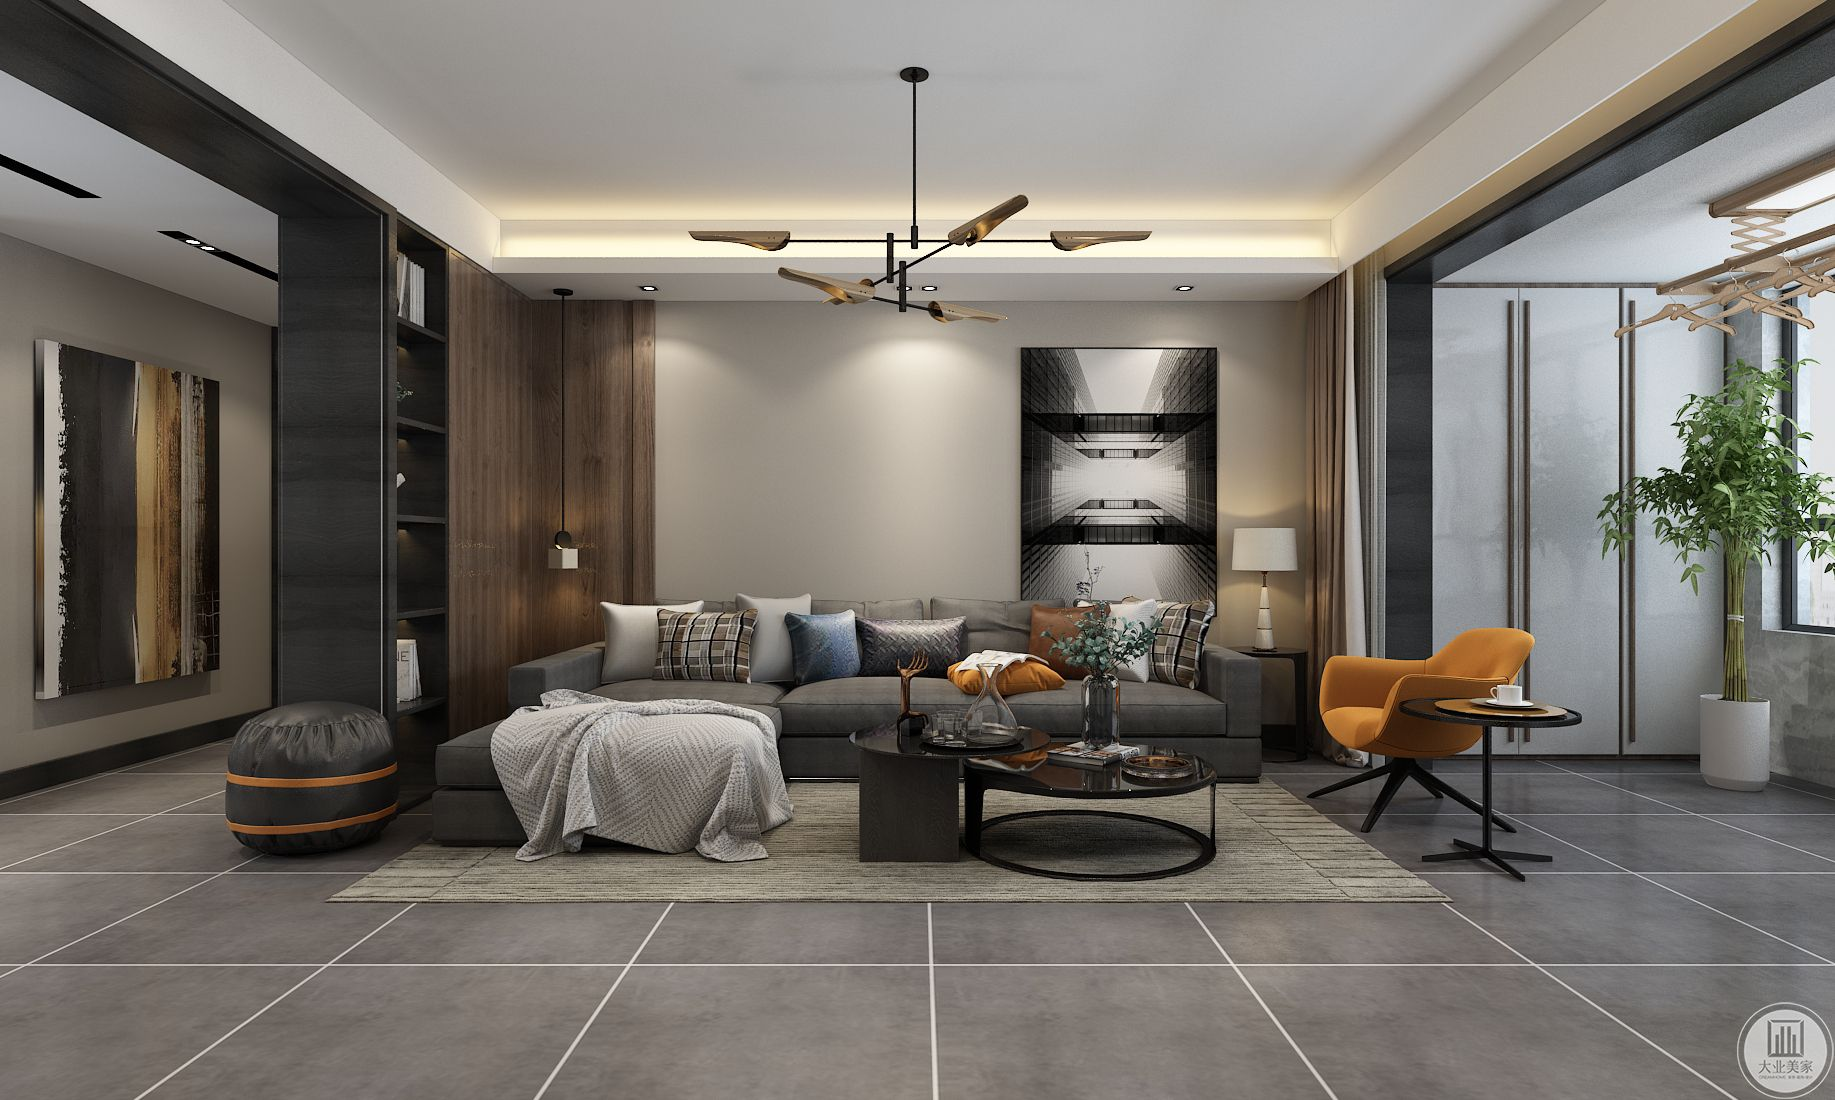 客厅地面使用灰色瓷砖,茶几沙发都采用深色,地毯使用浅灰色,沙发背景墙的挂画放置一侧。